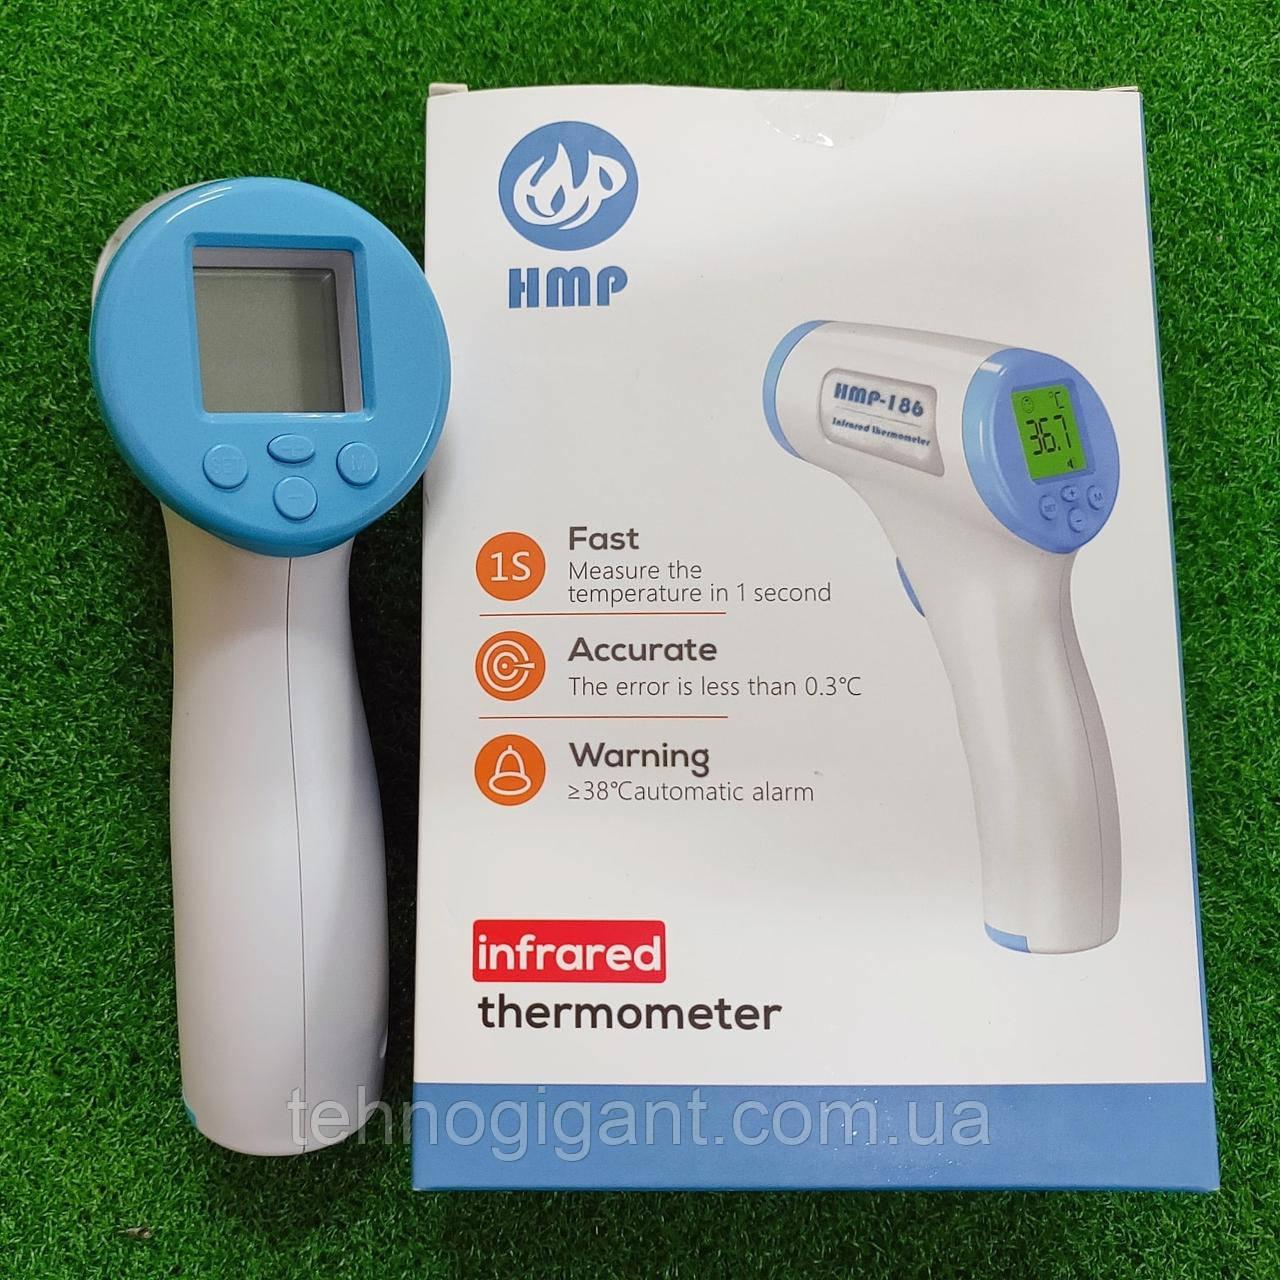 Безконтактний інфрачервоний термометр HMP-186, безконтактний дистанційний термометр, пірометр